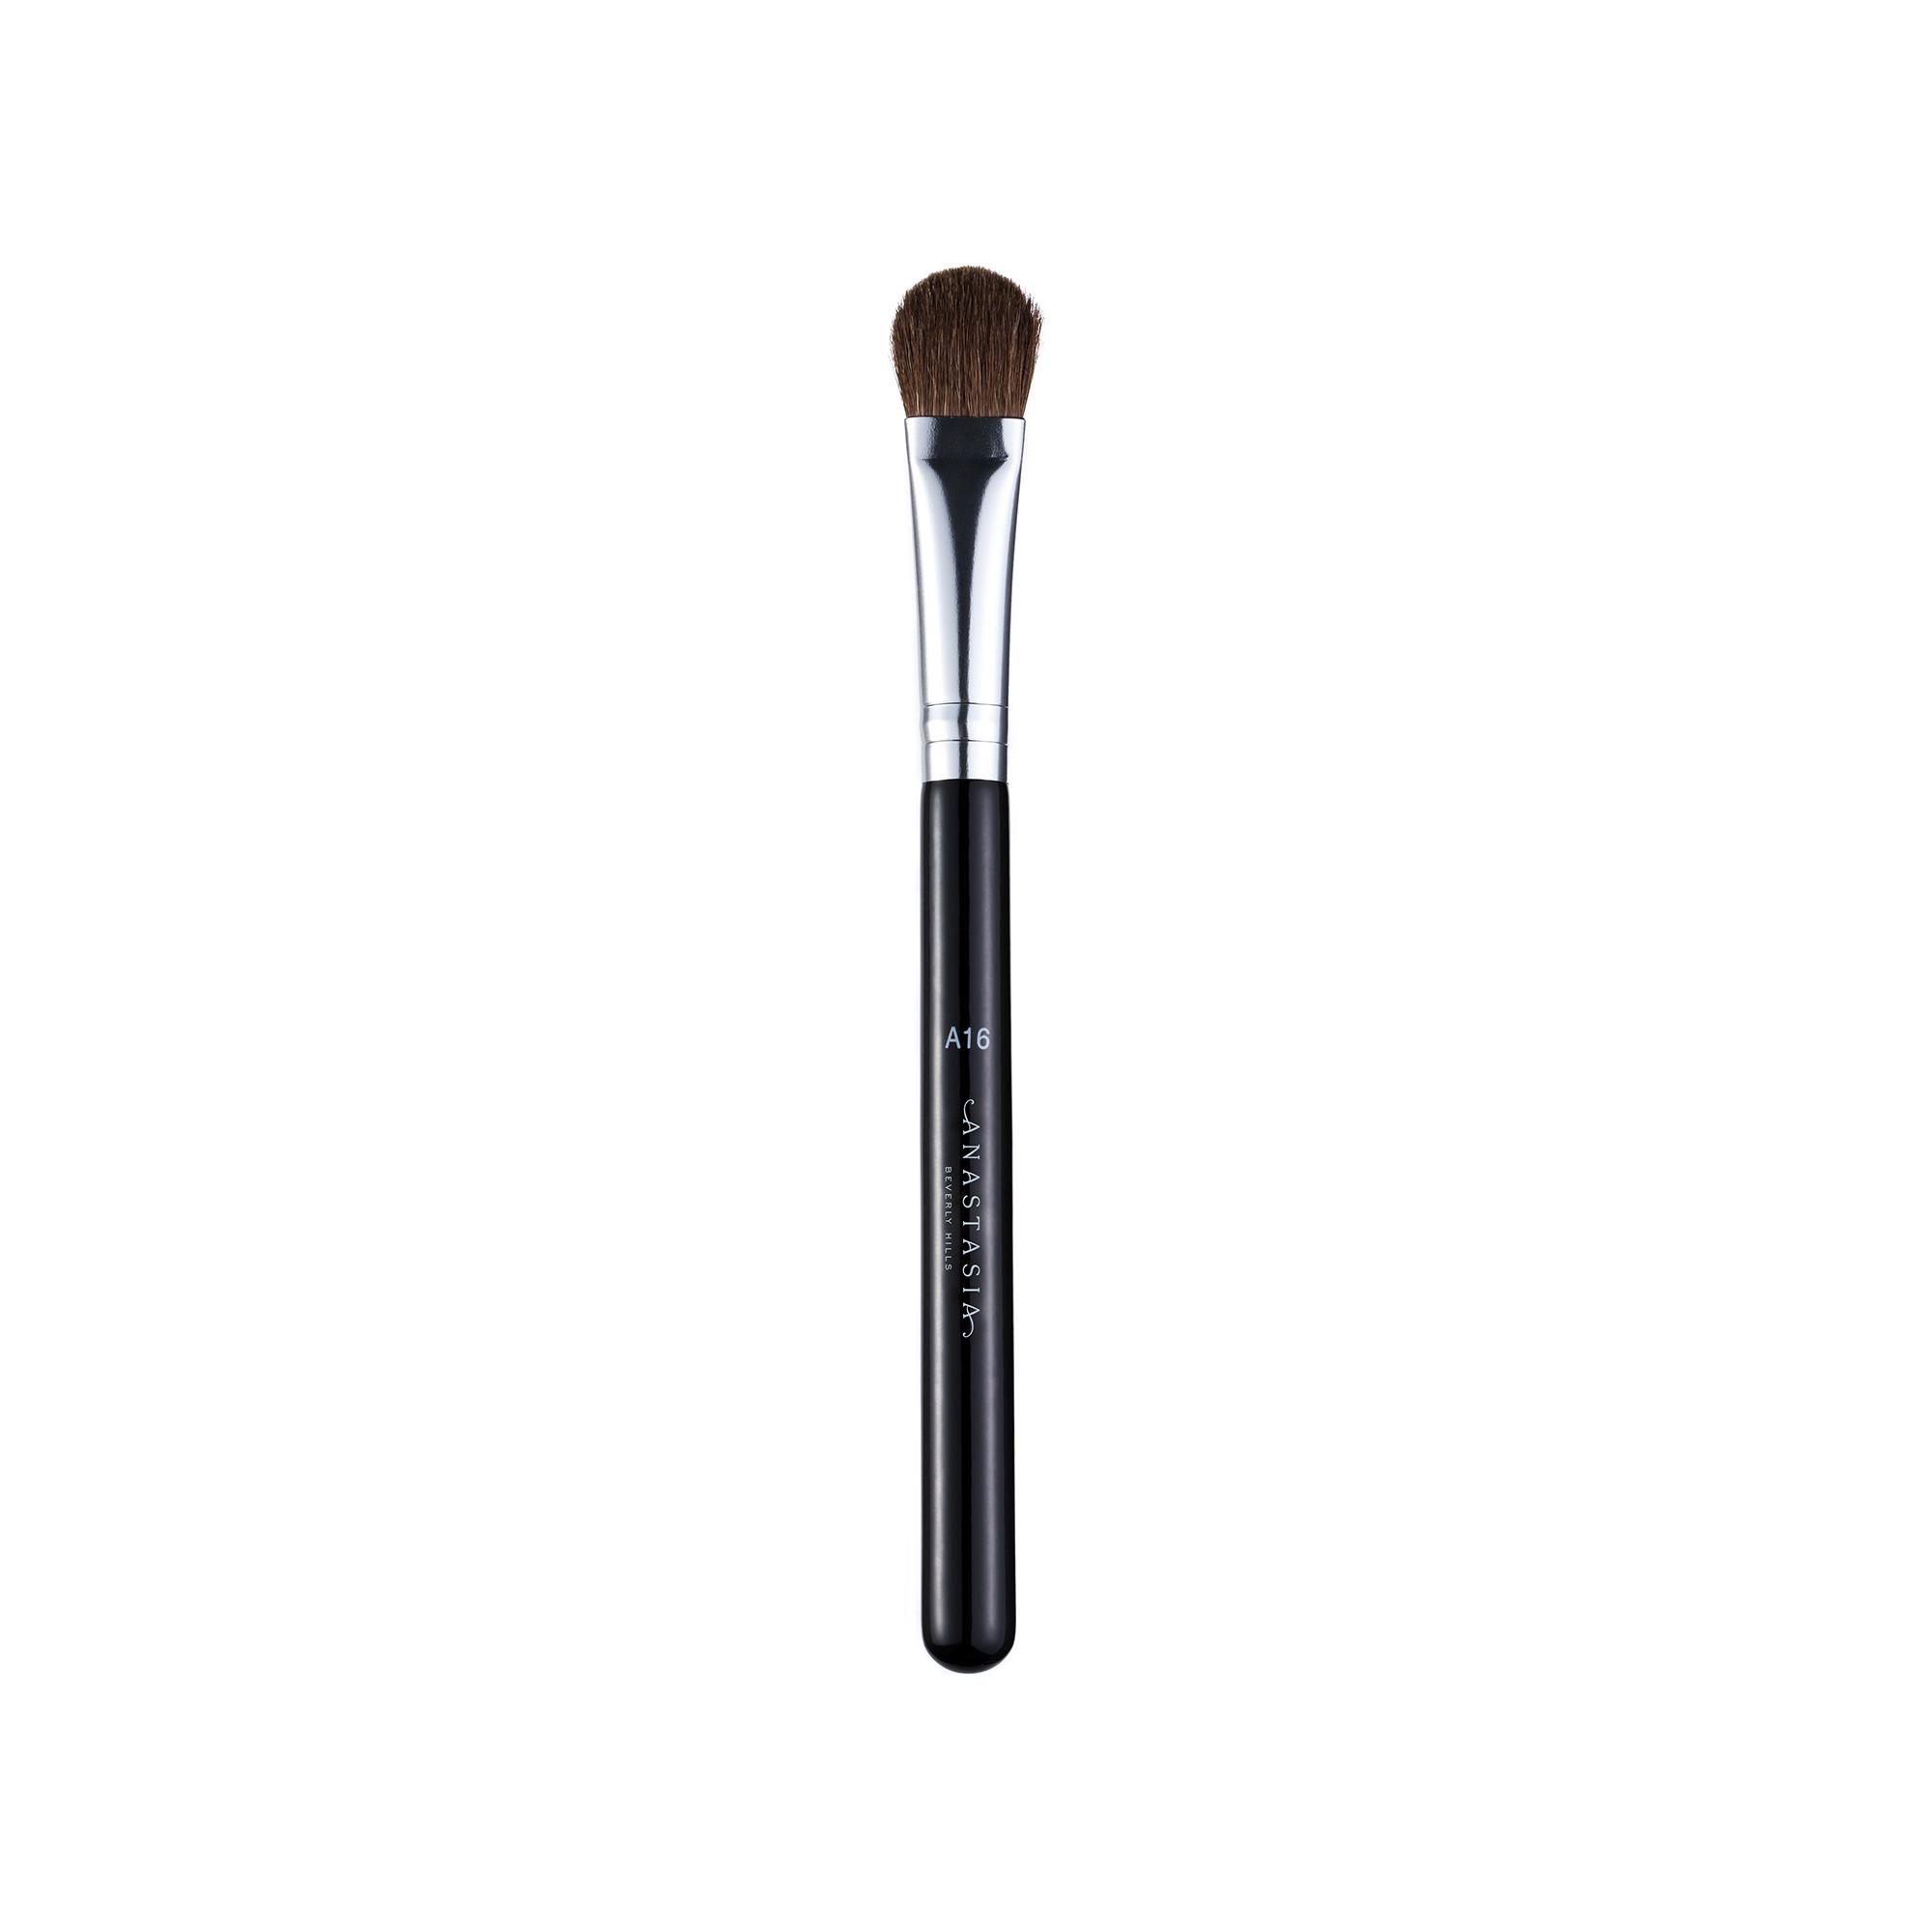 A16 Pro Brush - Large Shadow Brush